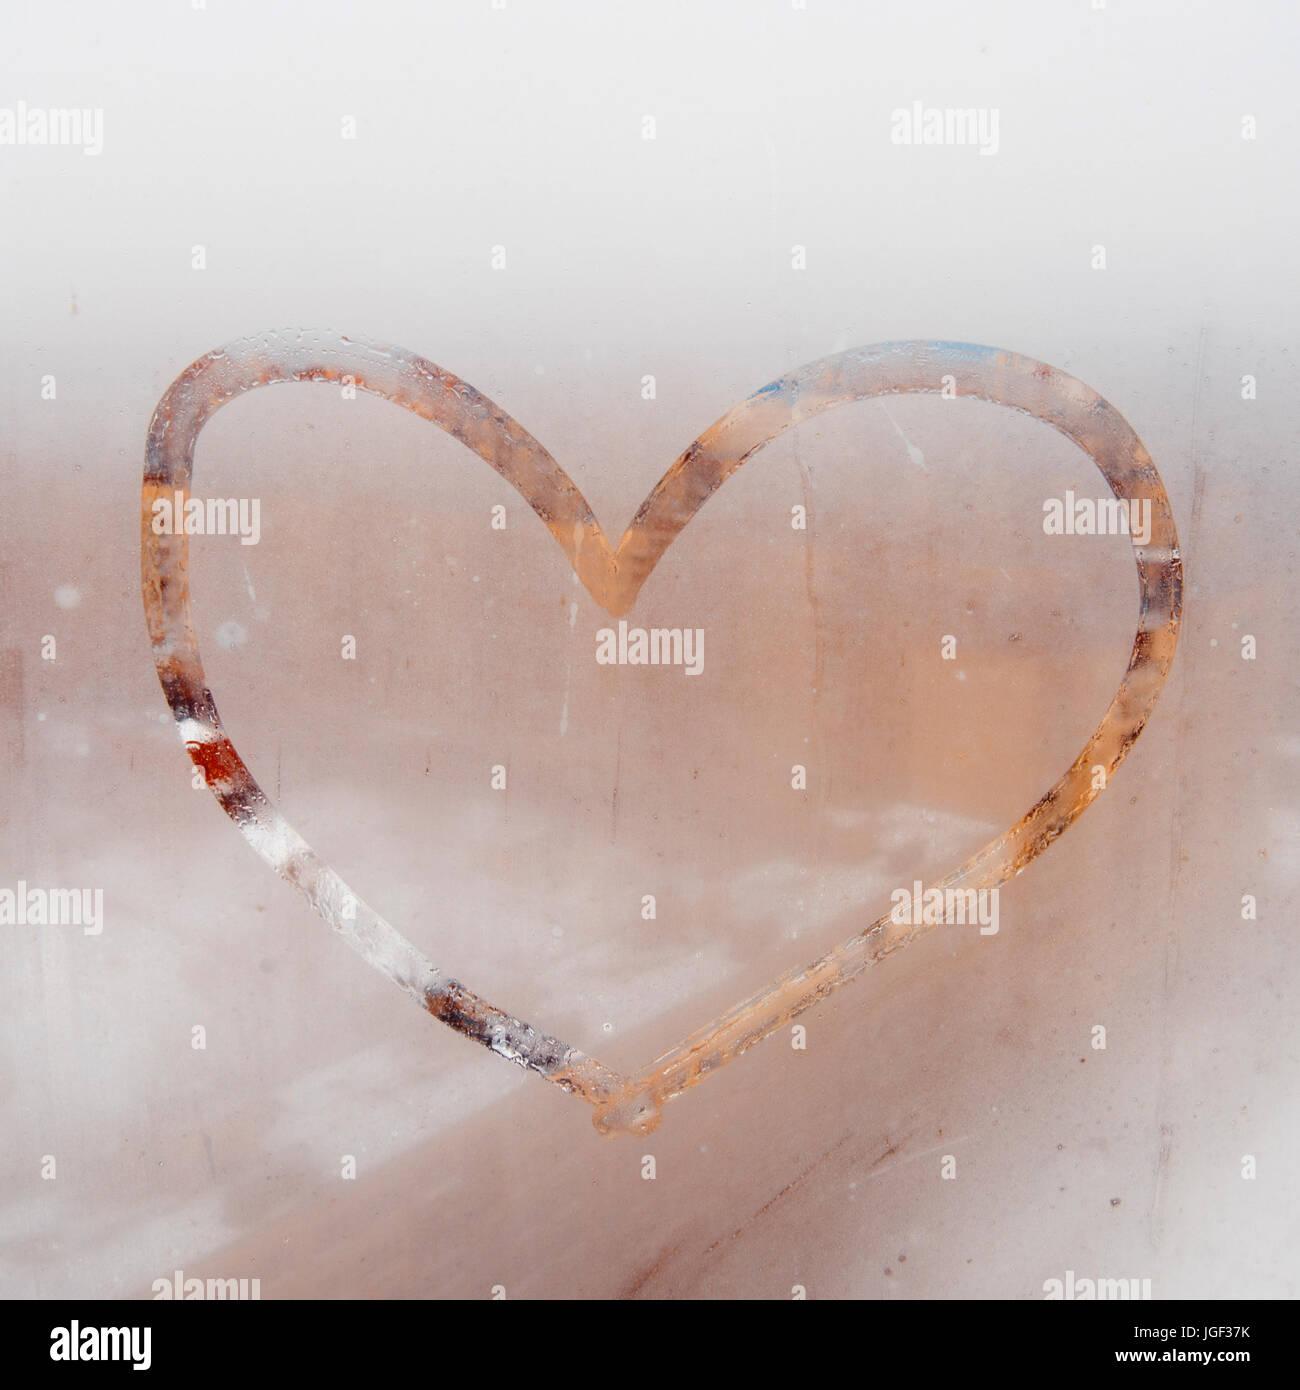 Cuore dipinta su una finestra atomizzata. In autunno la pioggia, l'iscrizione sul vetro sudate - l'amore e il cuore. Foto Stock